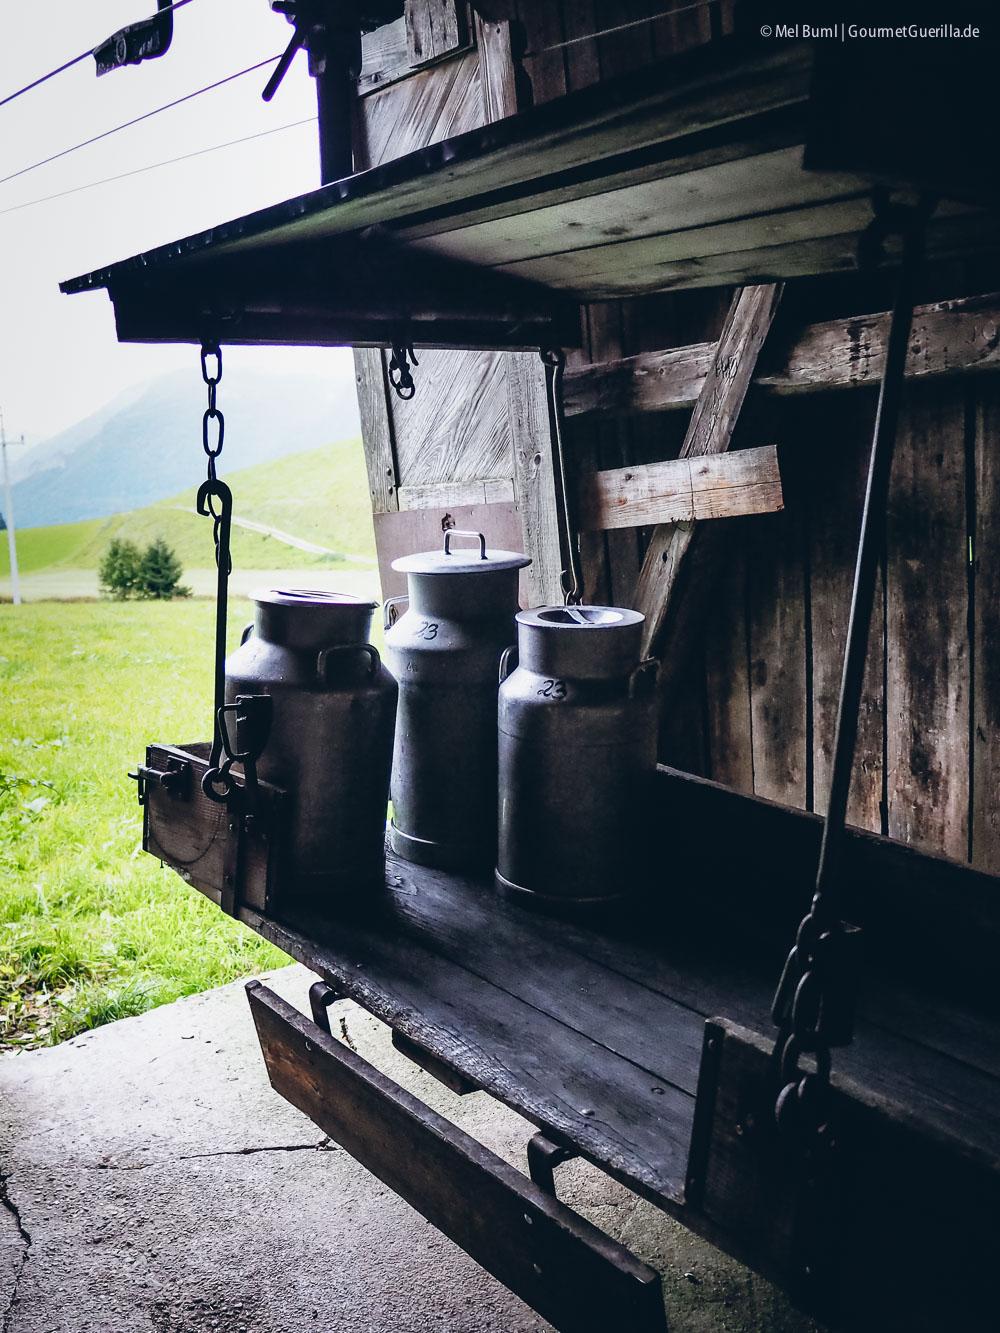 Milchseilbahn Heumilchkuehe in Tirol Ahornhof Oesterreich Sennermeetsblogger | GourmetGuerilla.de